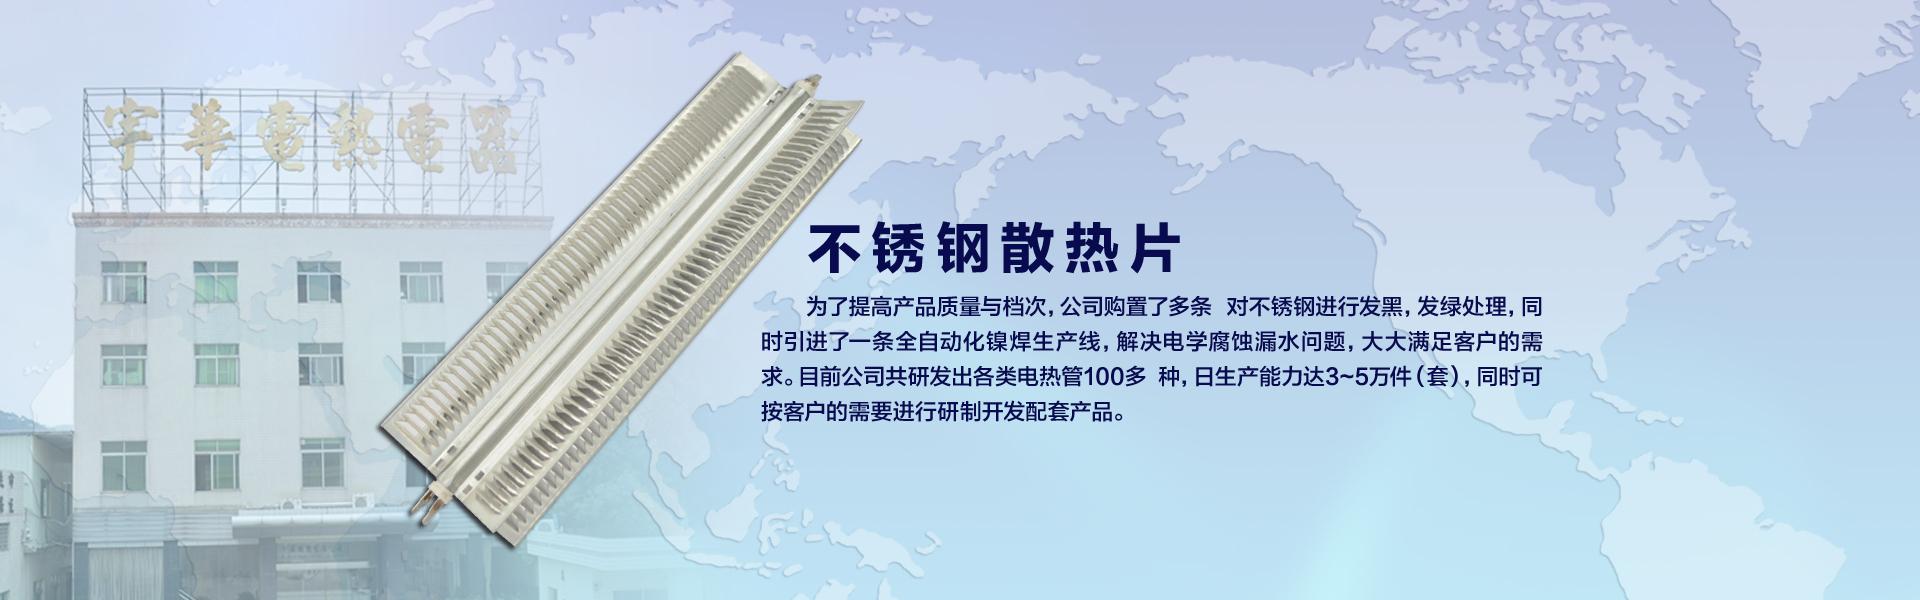 肇庆市宇華電器有限公司专业生产即热电热水器,家用电热水器,单头电热管,不锈钢电热管和不鏽鋼電加熱管。